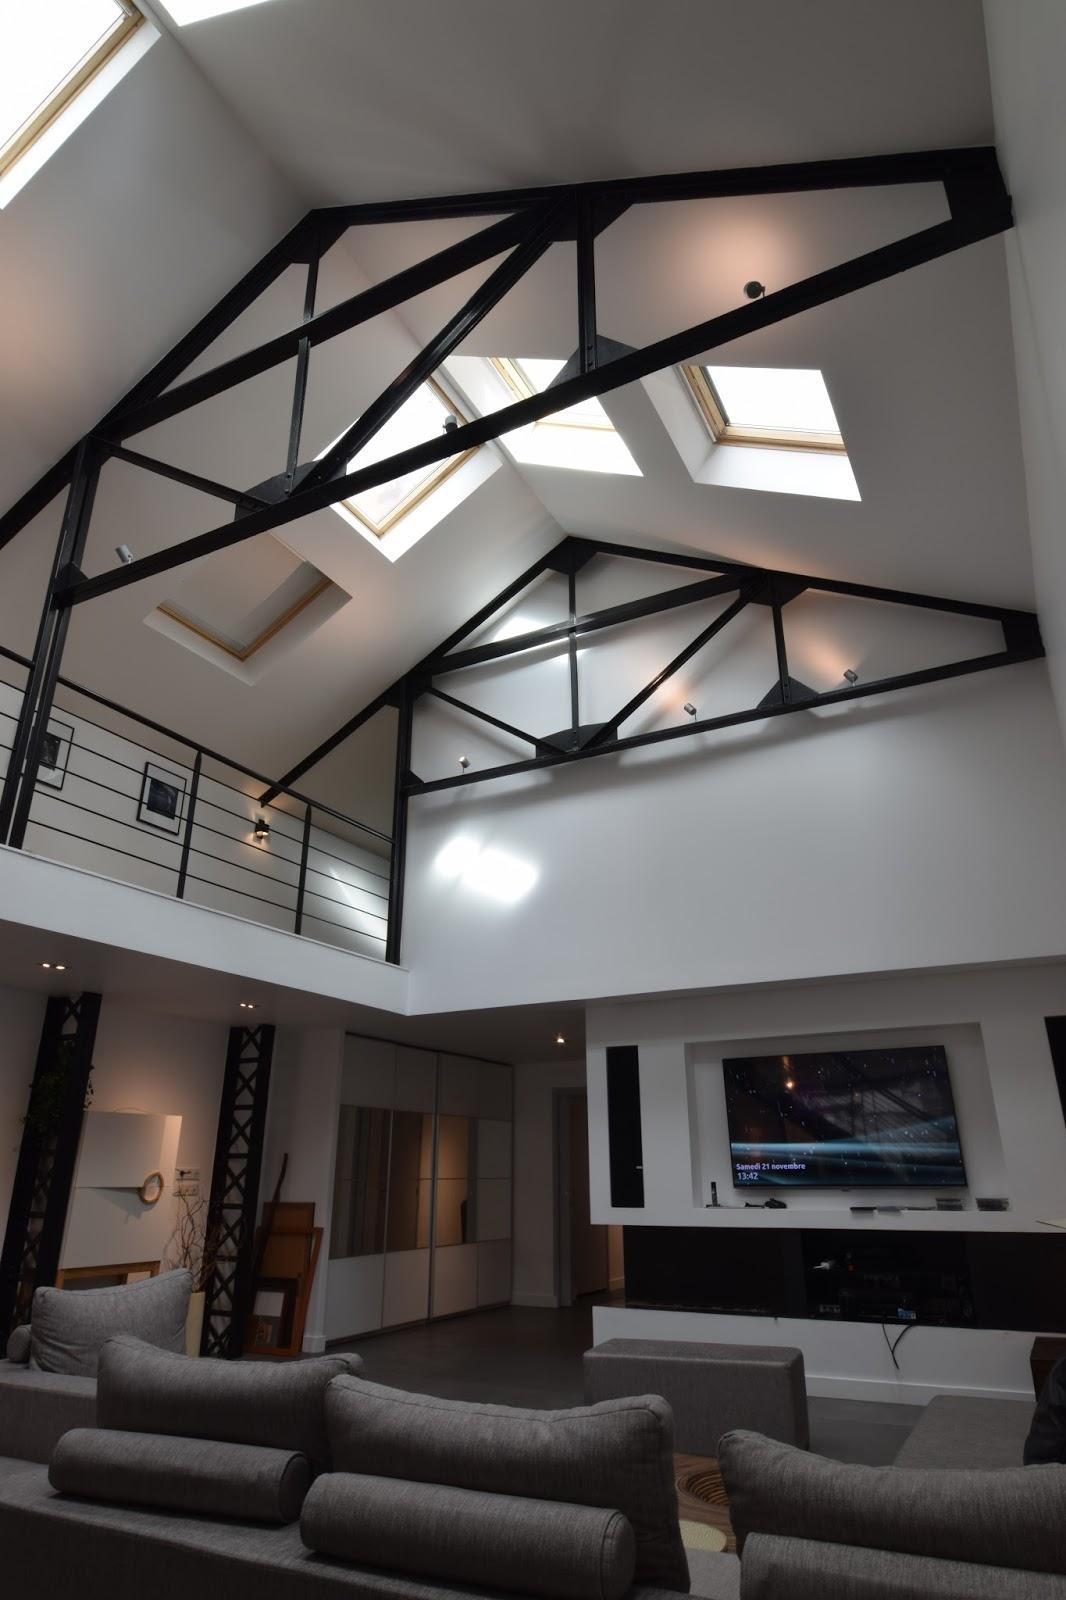 jacques lenain architecte lille: transformation d'un garage